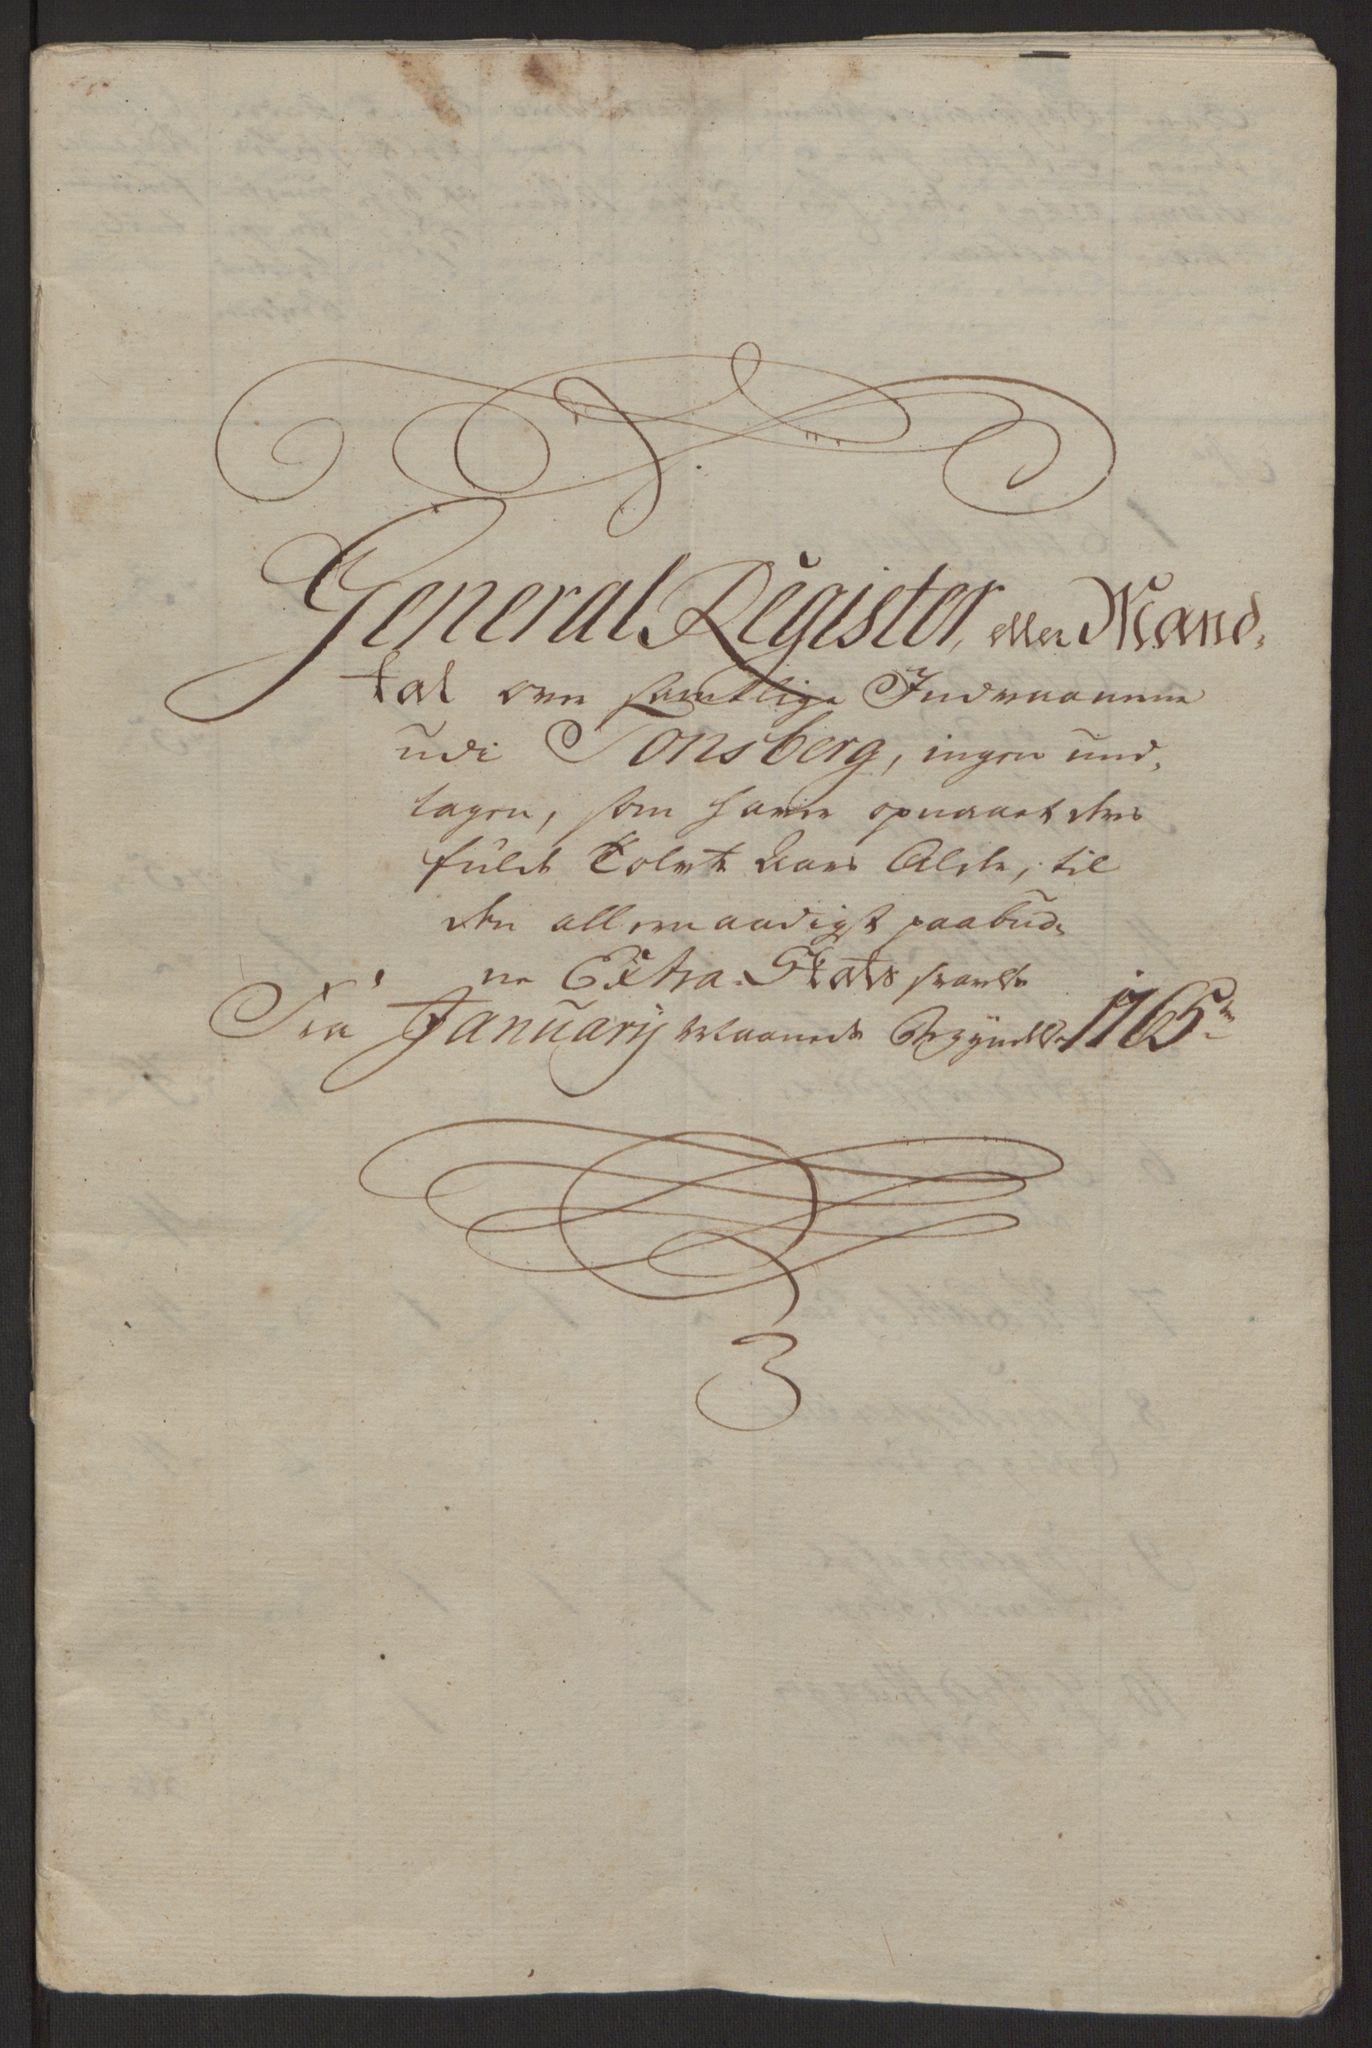 RA, Rentekammeret inntil 1814, Reviderte regnskaper, Byregnskaper, R/Rh/L0162: [H4] Kontribusjonsregnskap, 1762-1772, s. 220